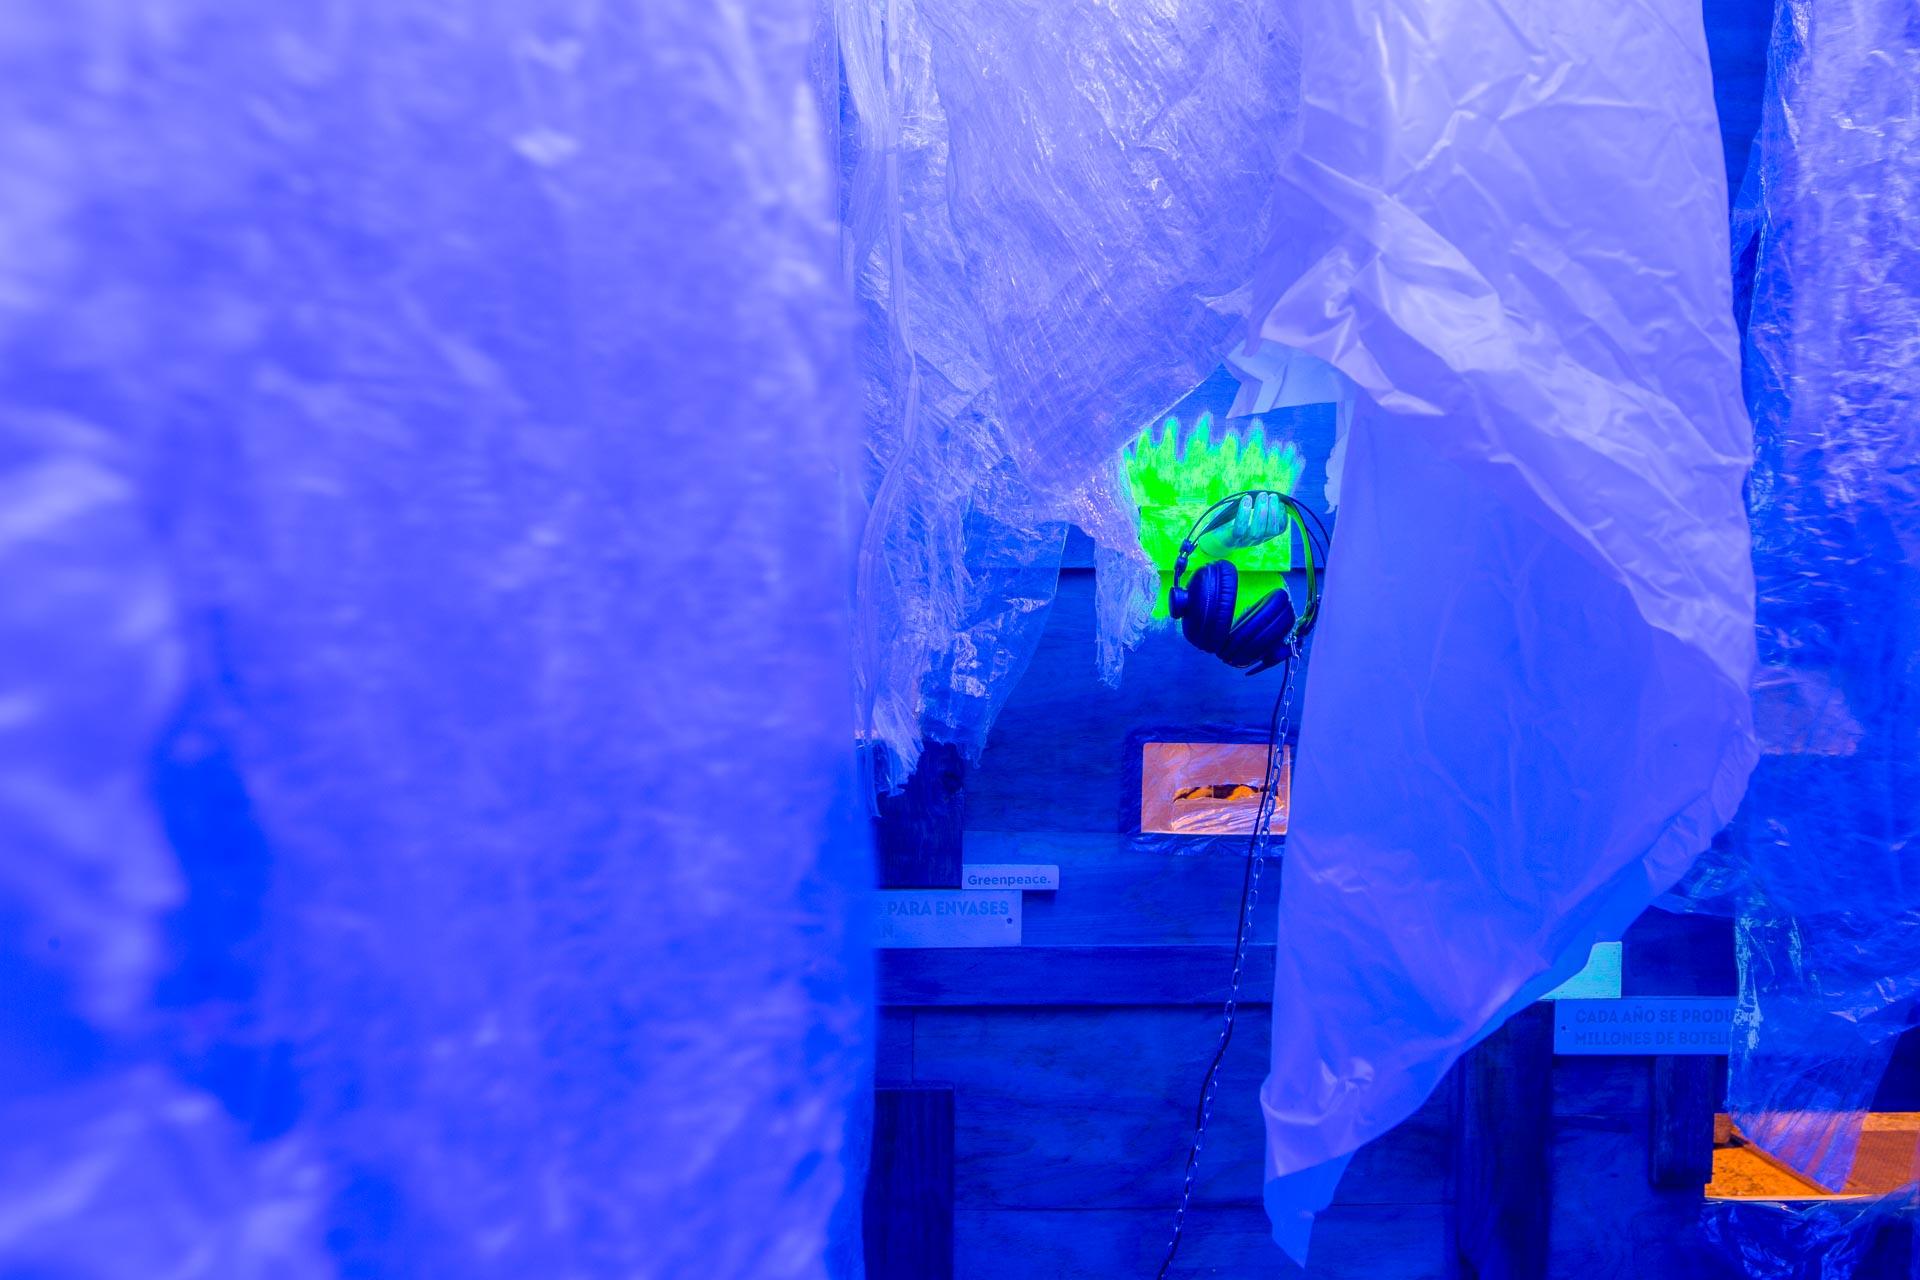 Instalación artística y ecológica para sensibilizar acerca del plástico en el medio ambiente